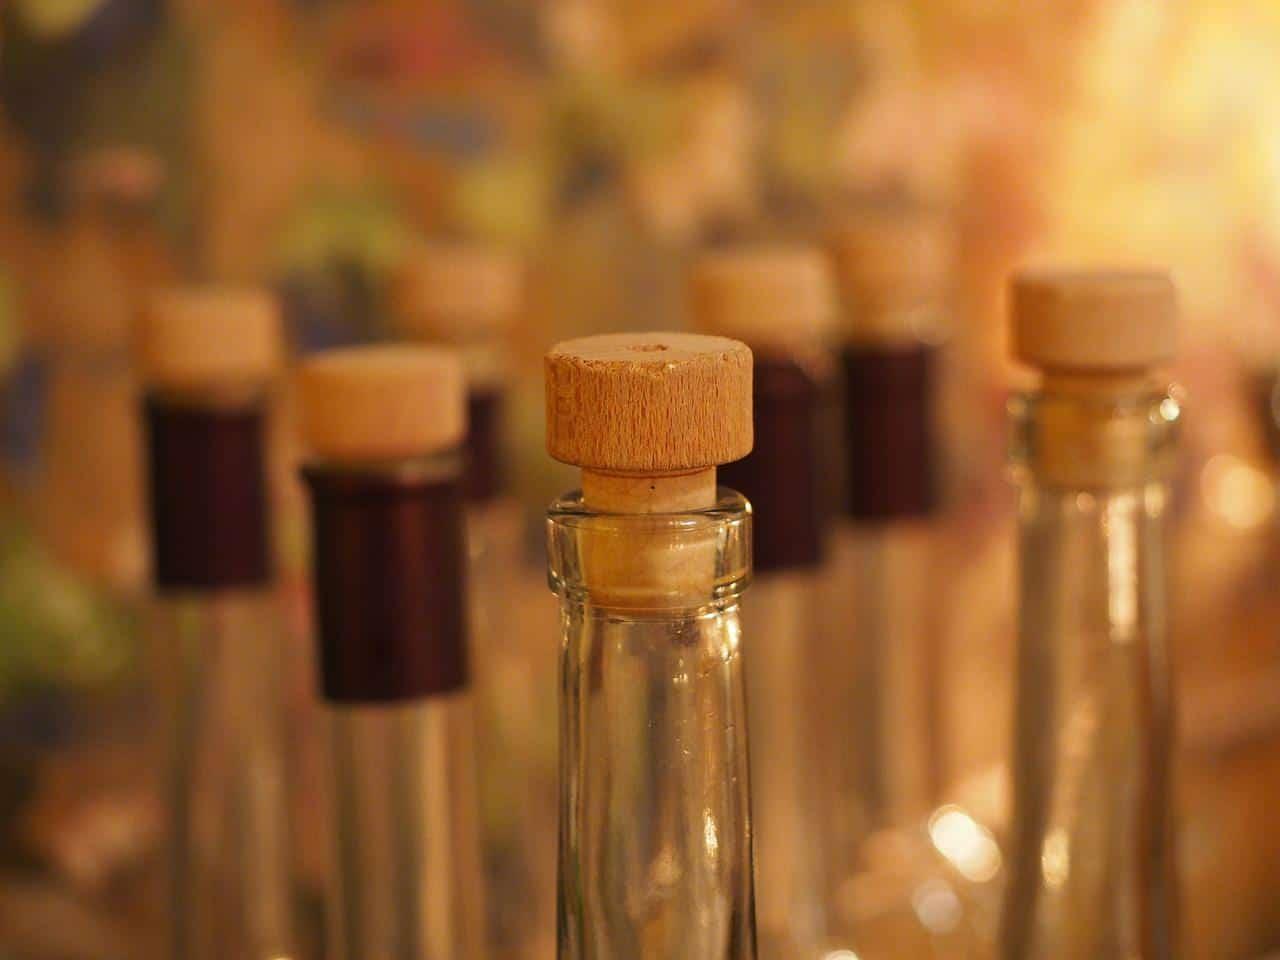 Hochwertiger Schnaps und Spirituosen